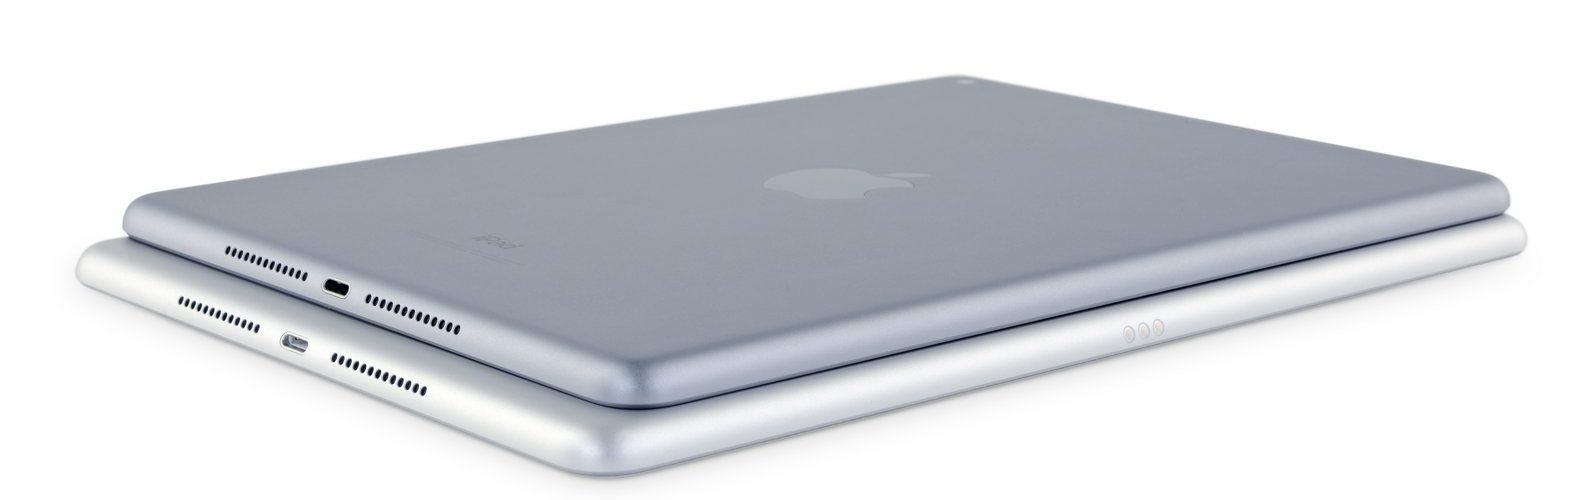 Recensione iPad 10.2 (2019), il miglior iPad è ora anche migliore